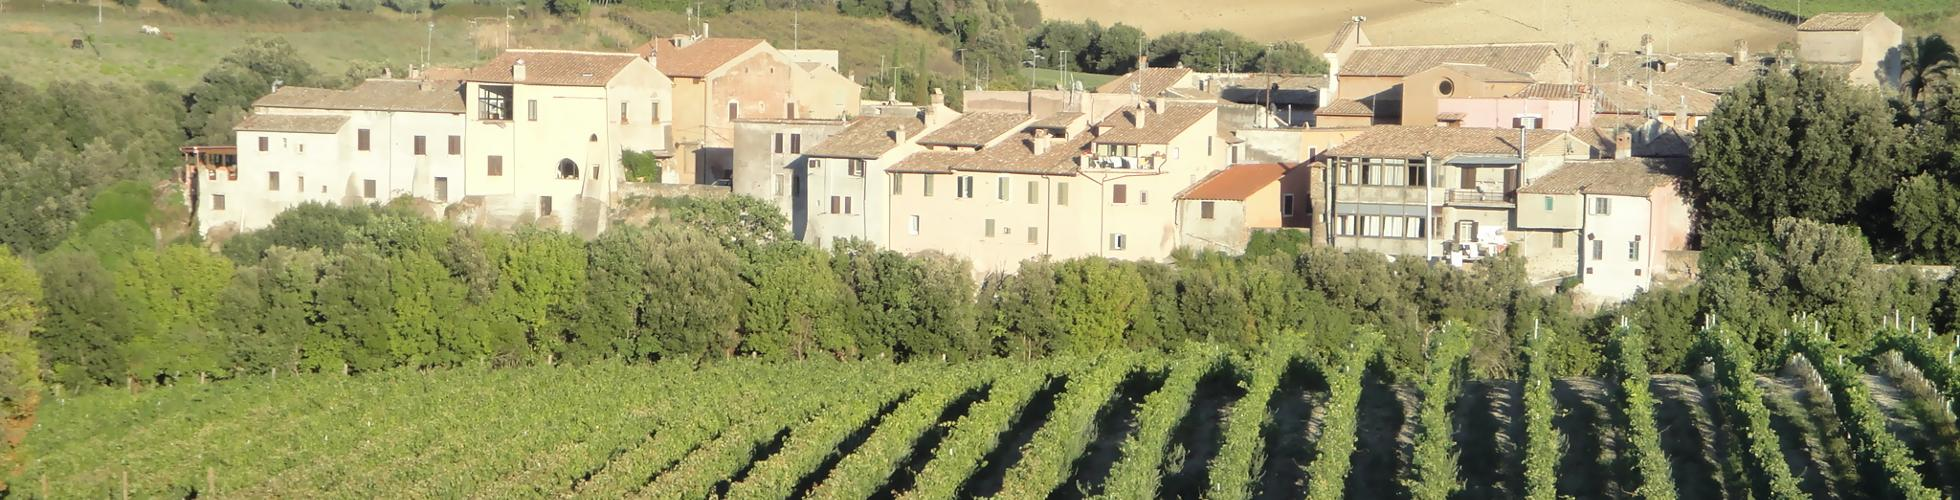 Cantina dei vini La Valle di Ceri